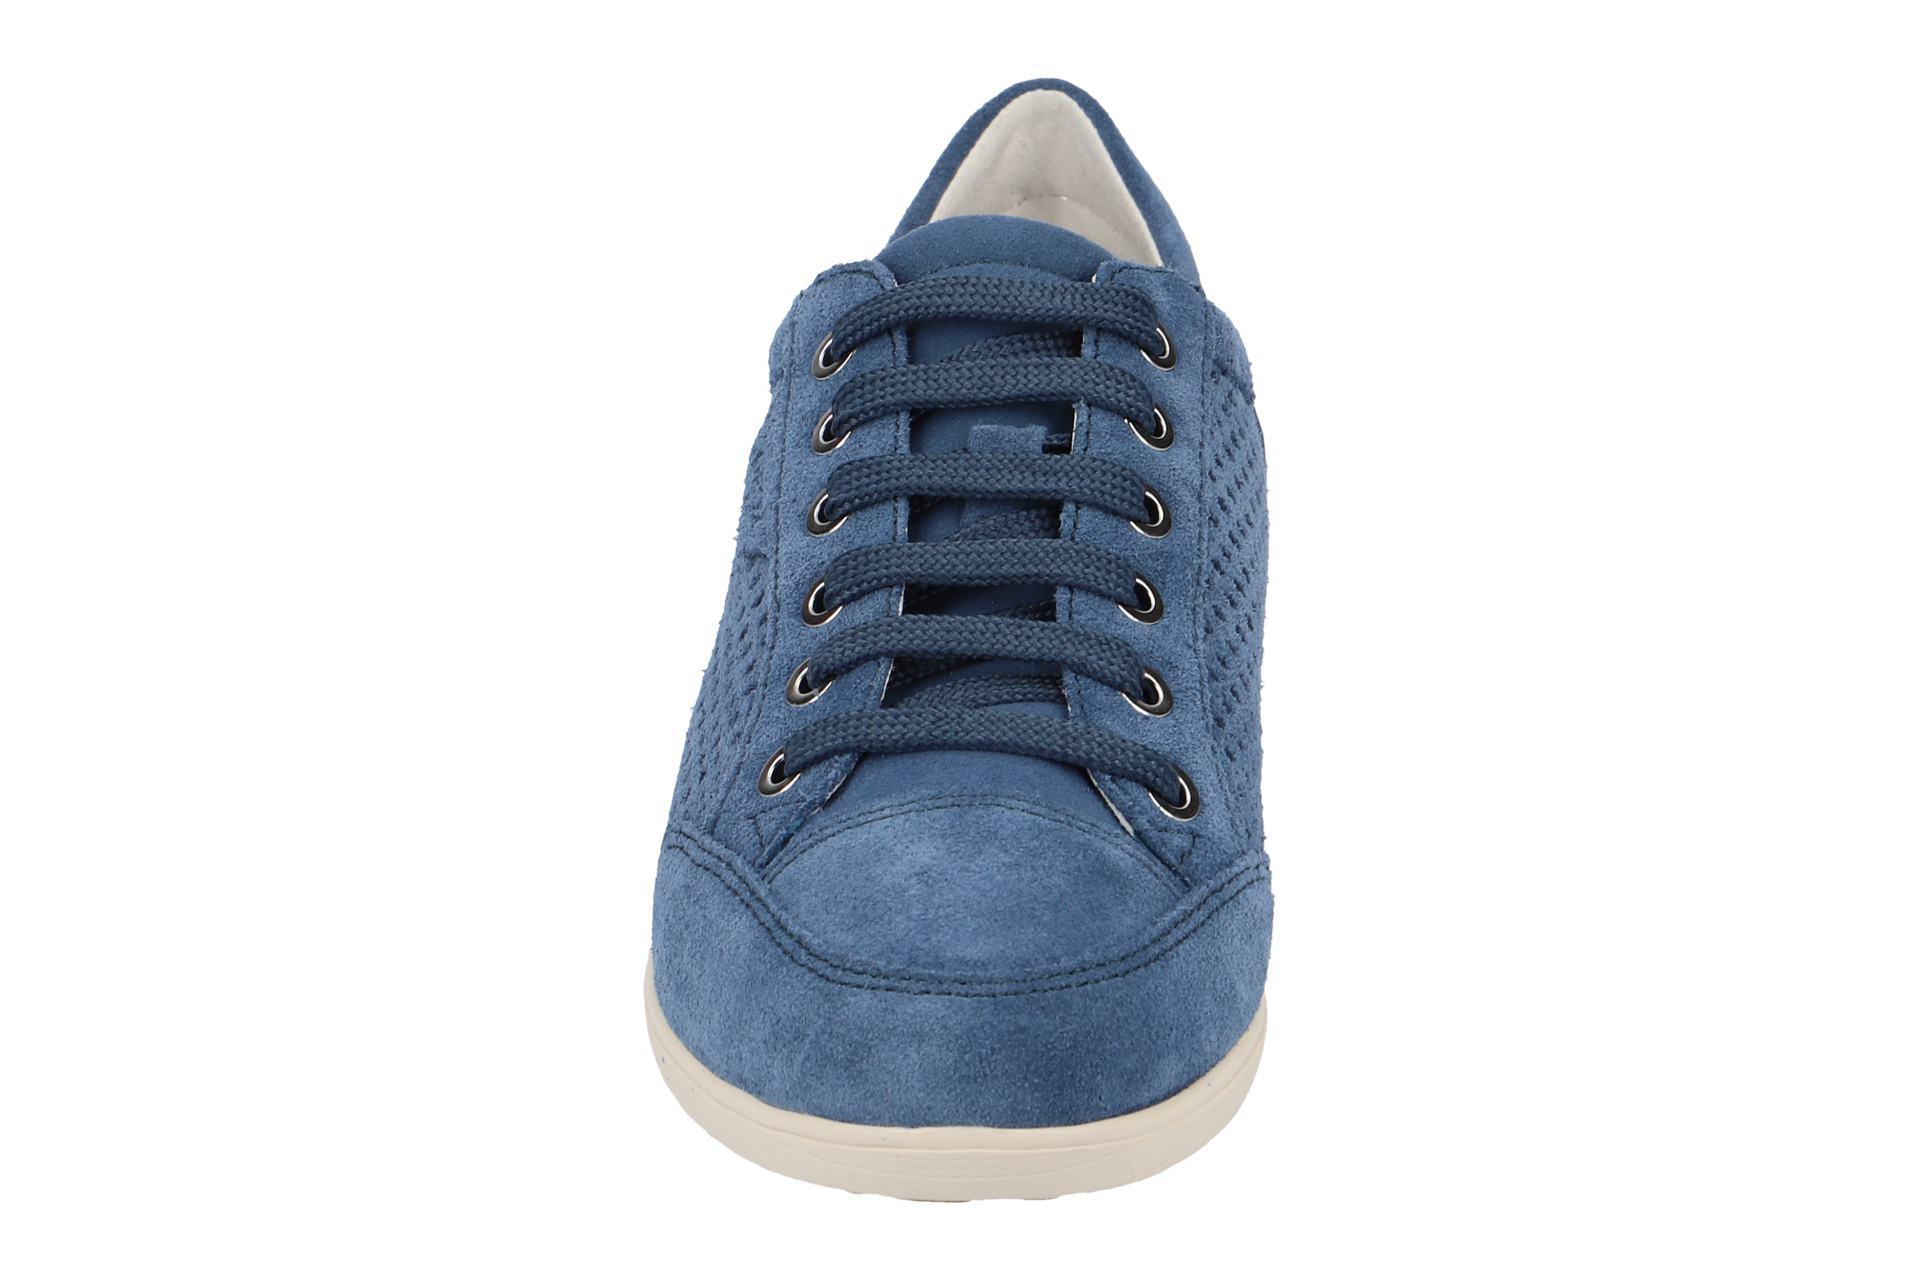 Details Zu Neu Damenschuhe Geox Schuhe D6268b 00022 Blau Halbschuhe C4008 Myria L43cRj5Aq